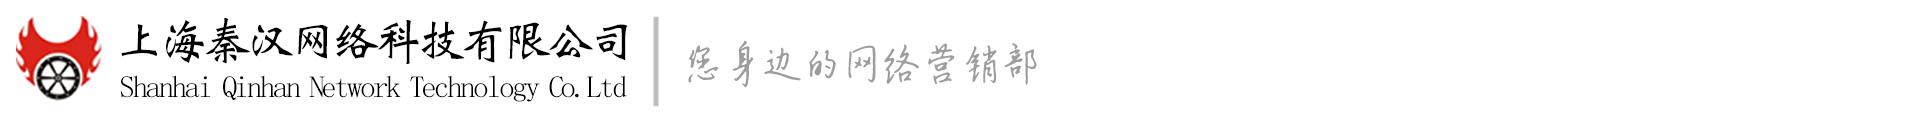 上海市秦汉网络科技有限公司